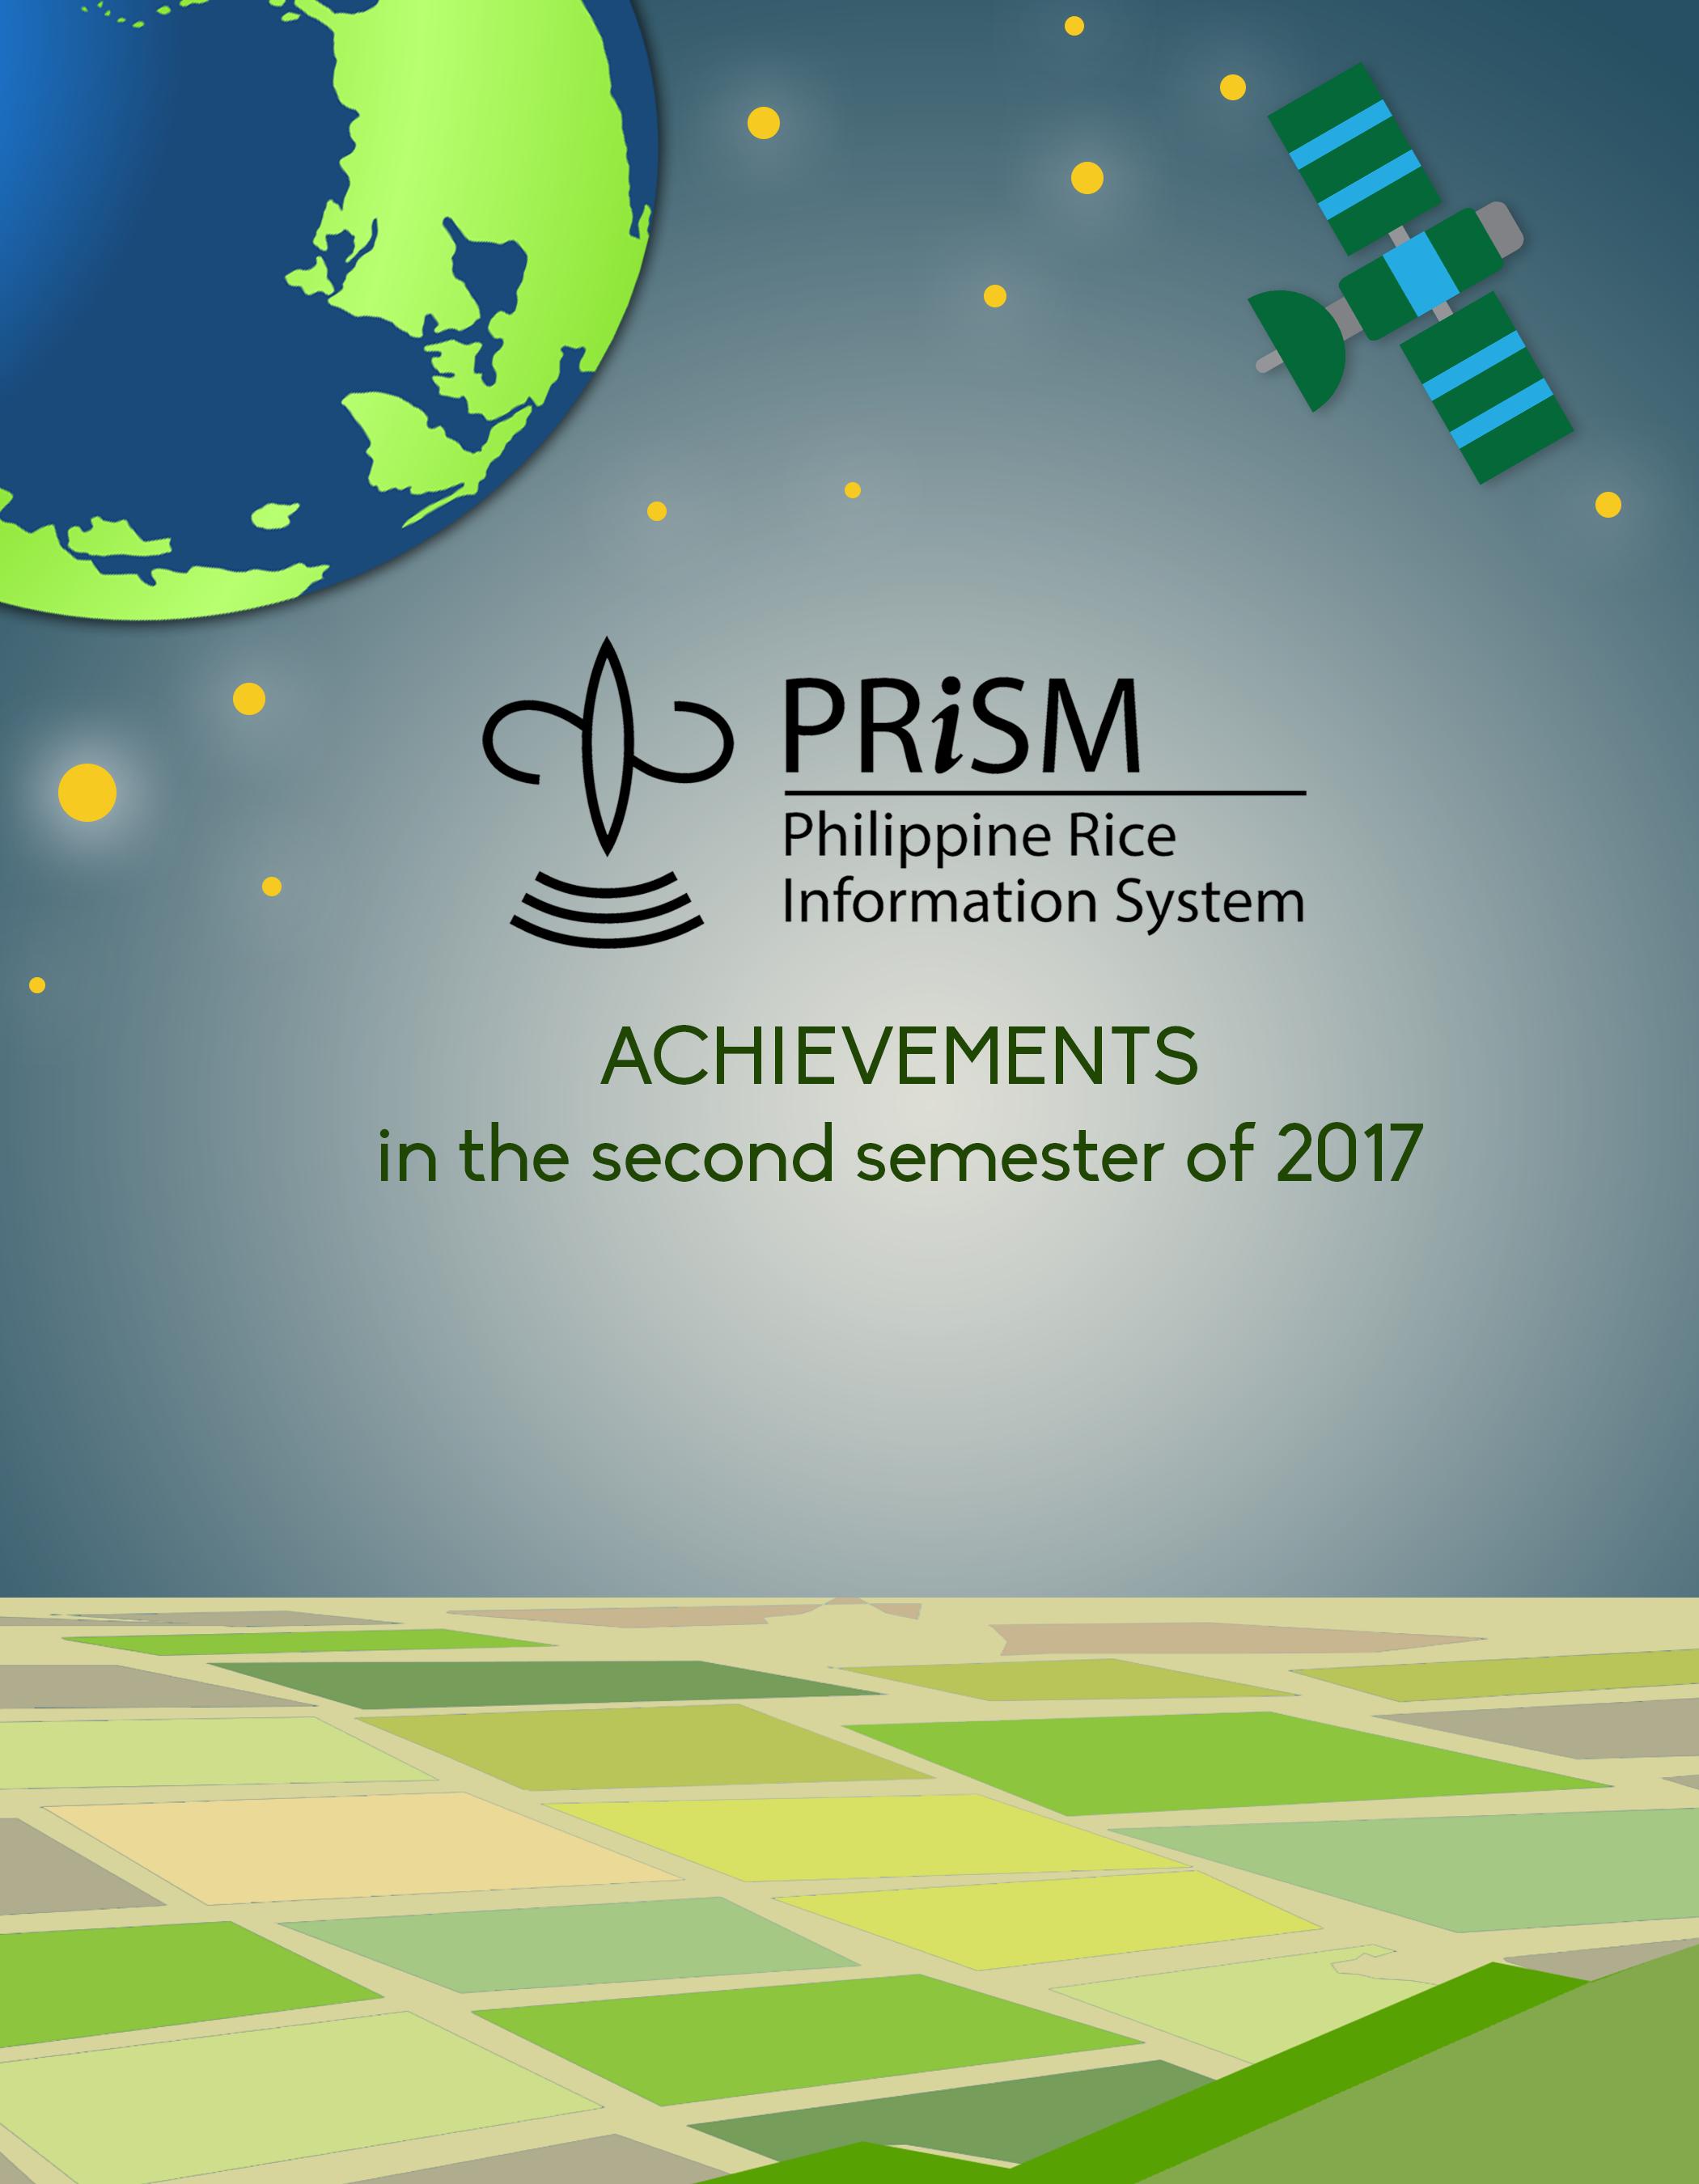 2017 - 2nd Semester